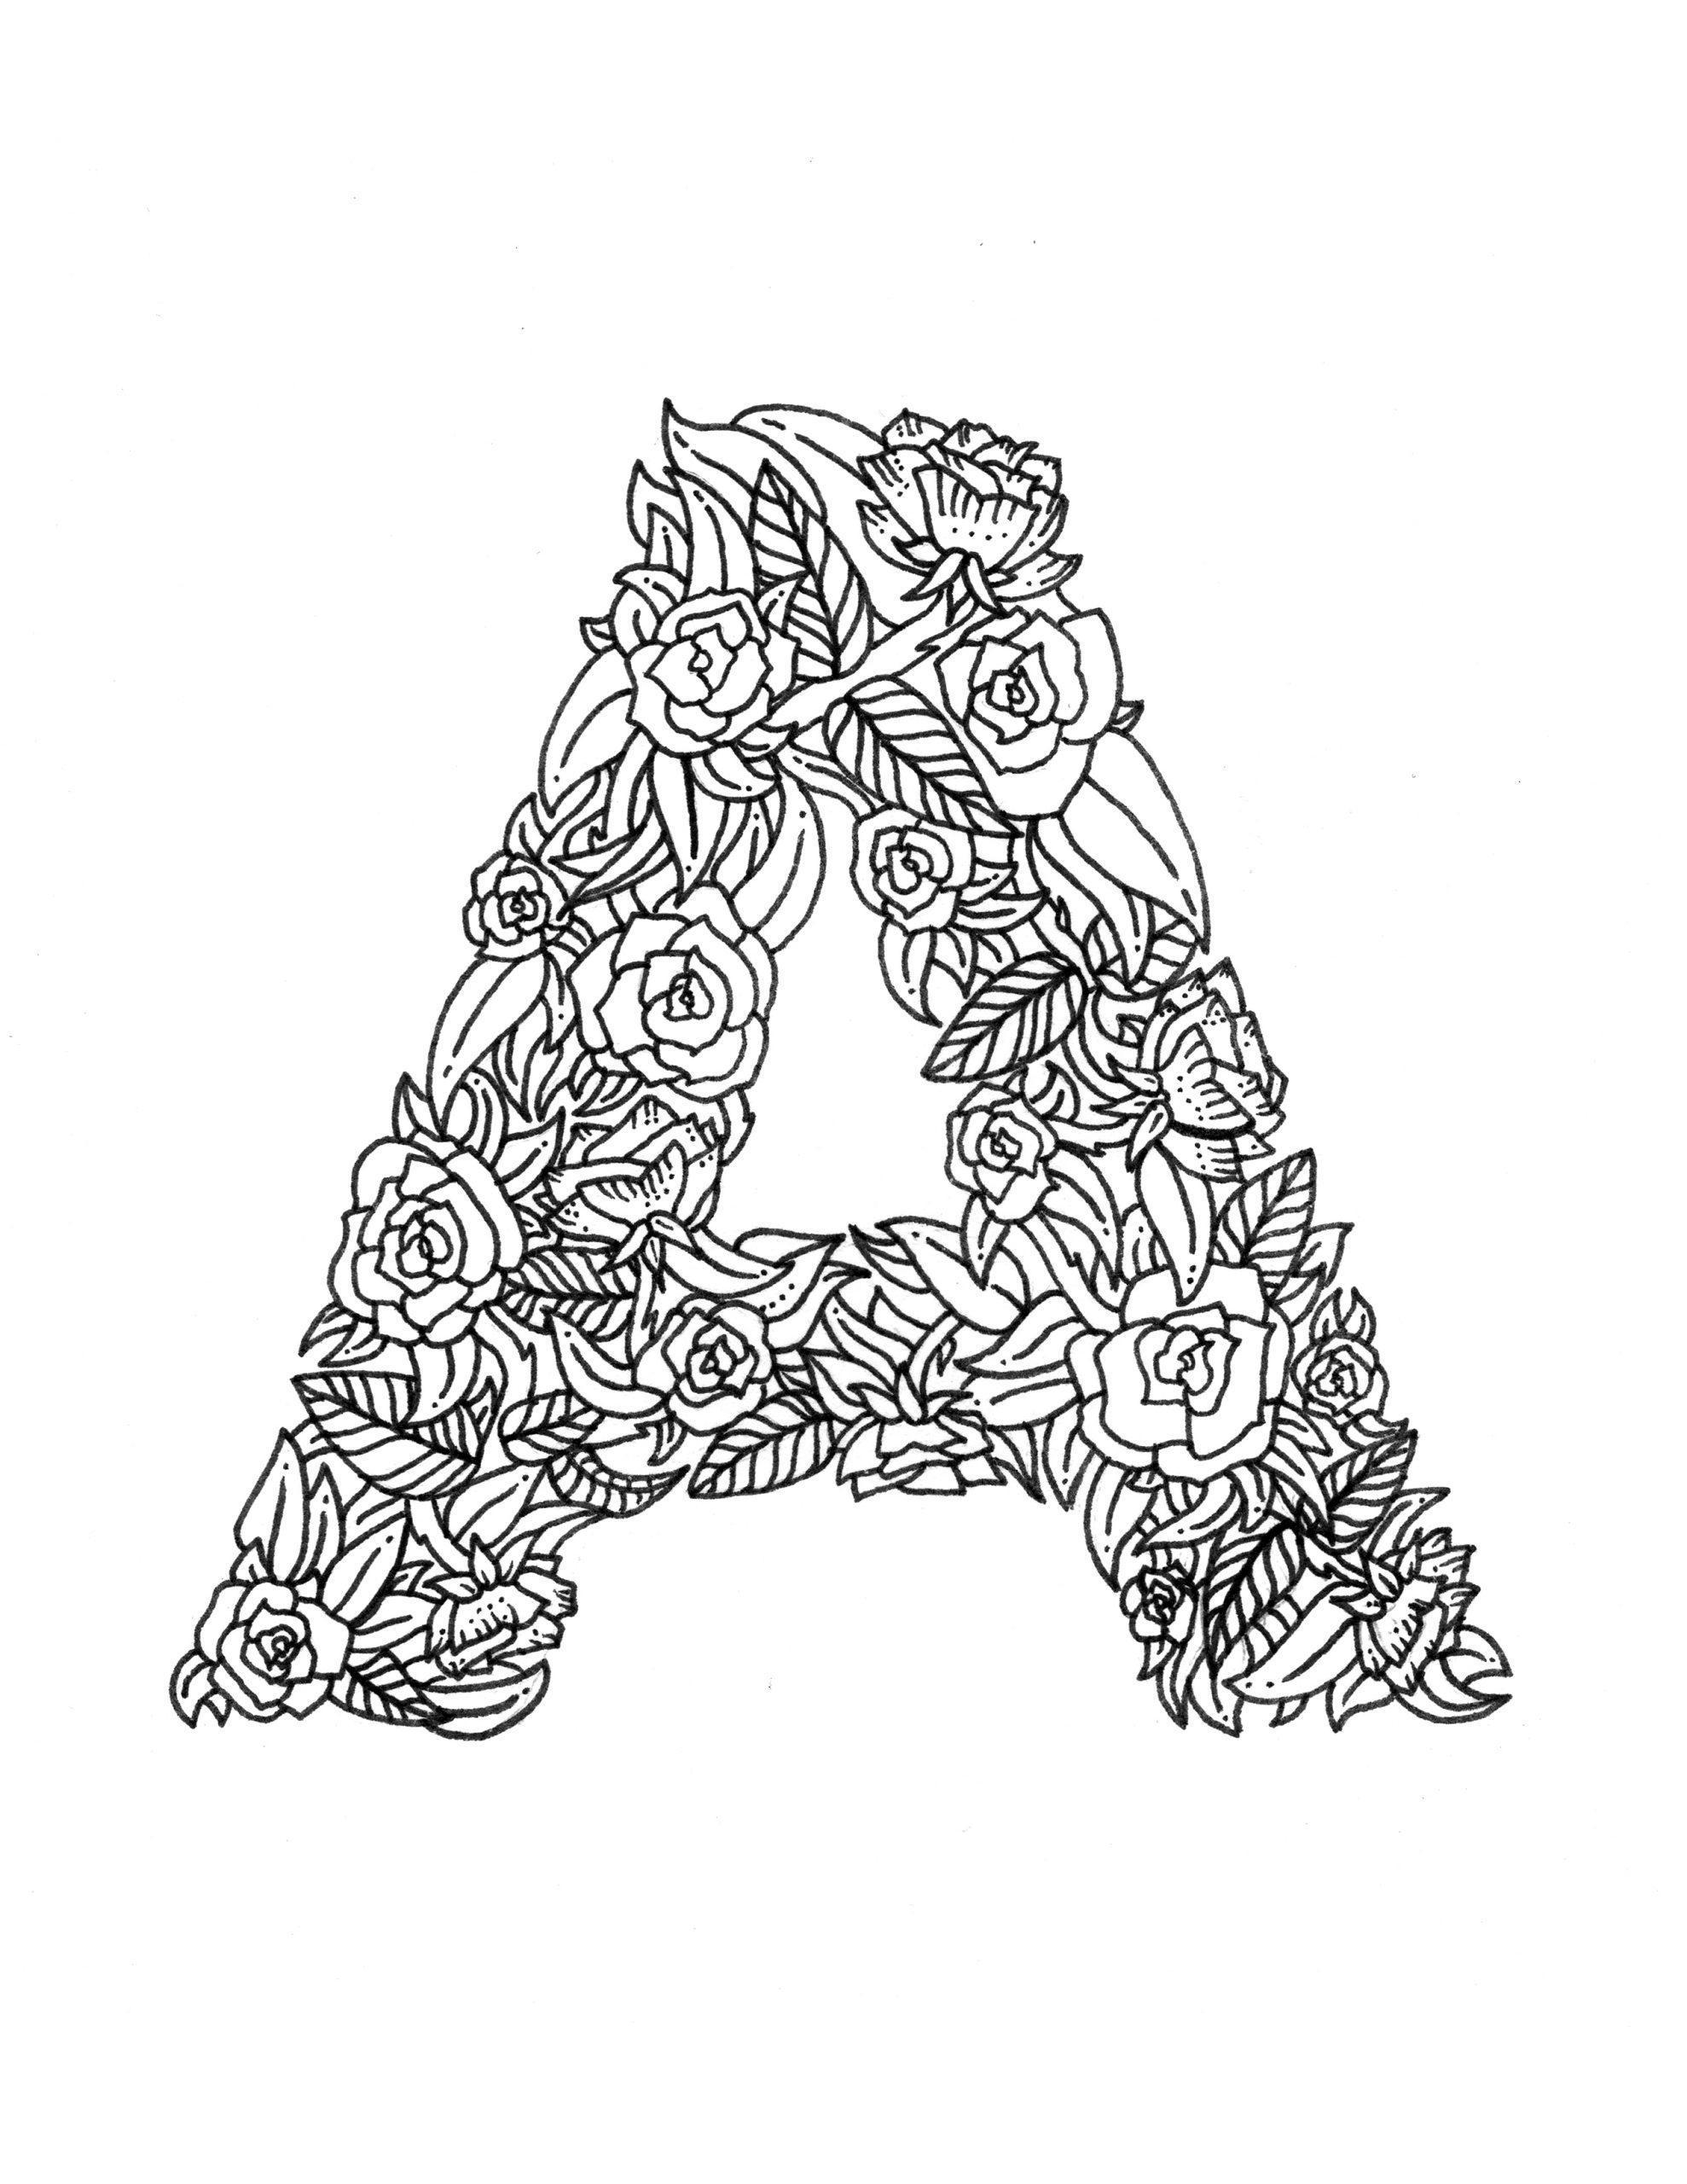 Tranh tô màu bảng chữ cái chữ A hoa lá cành